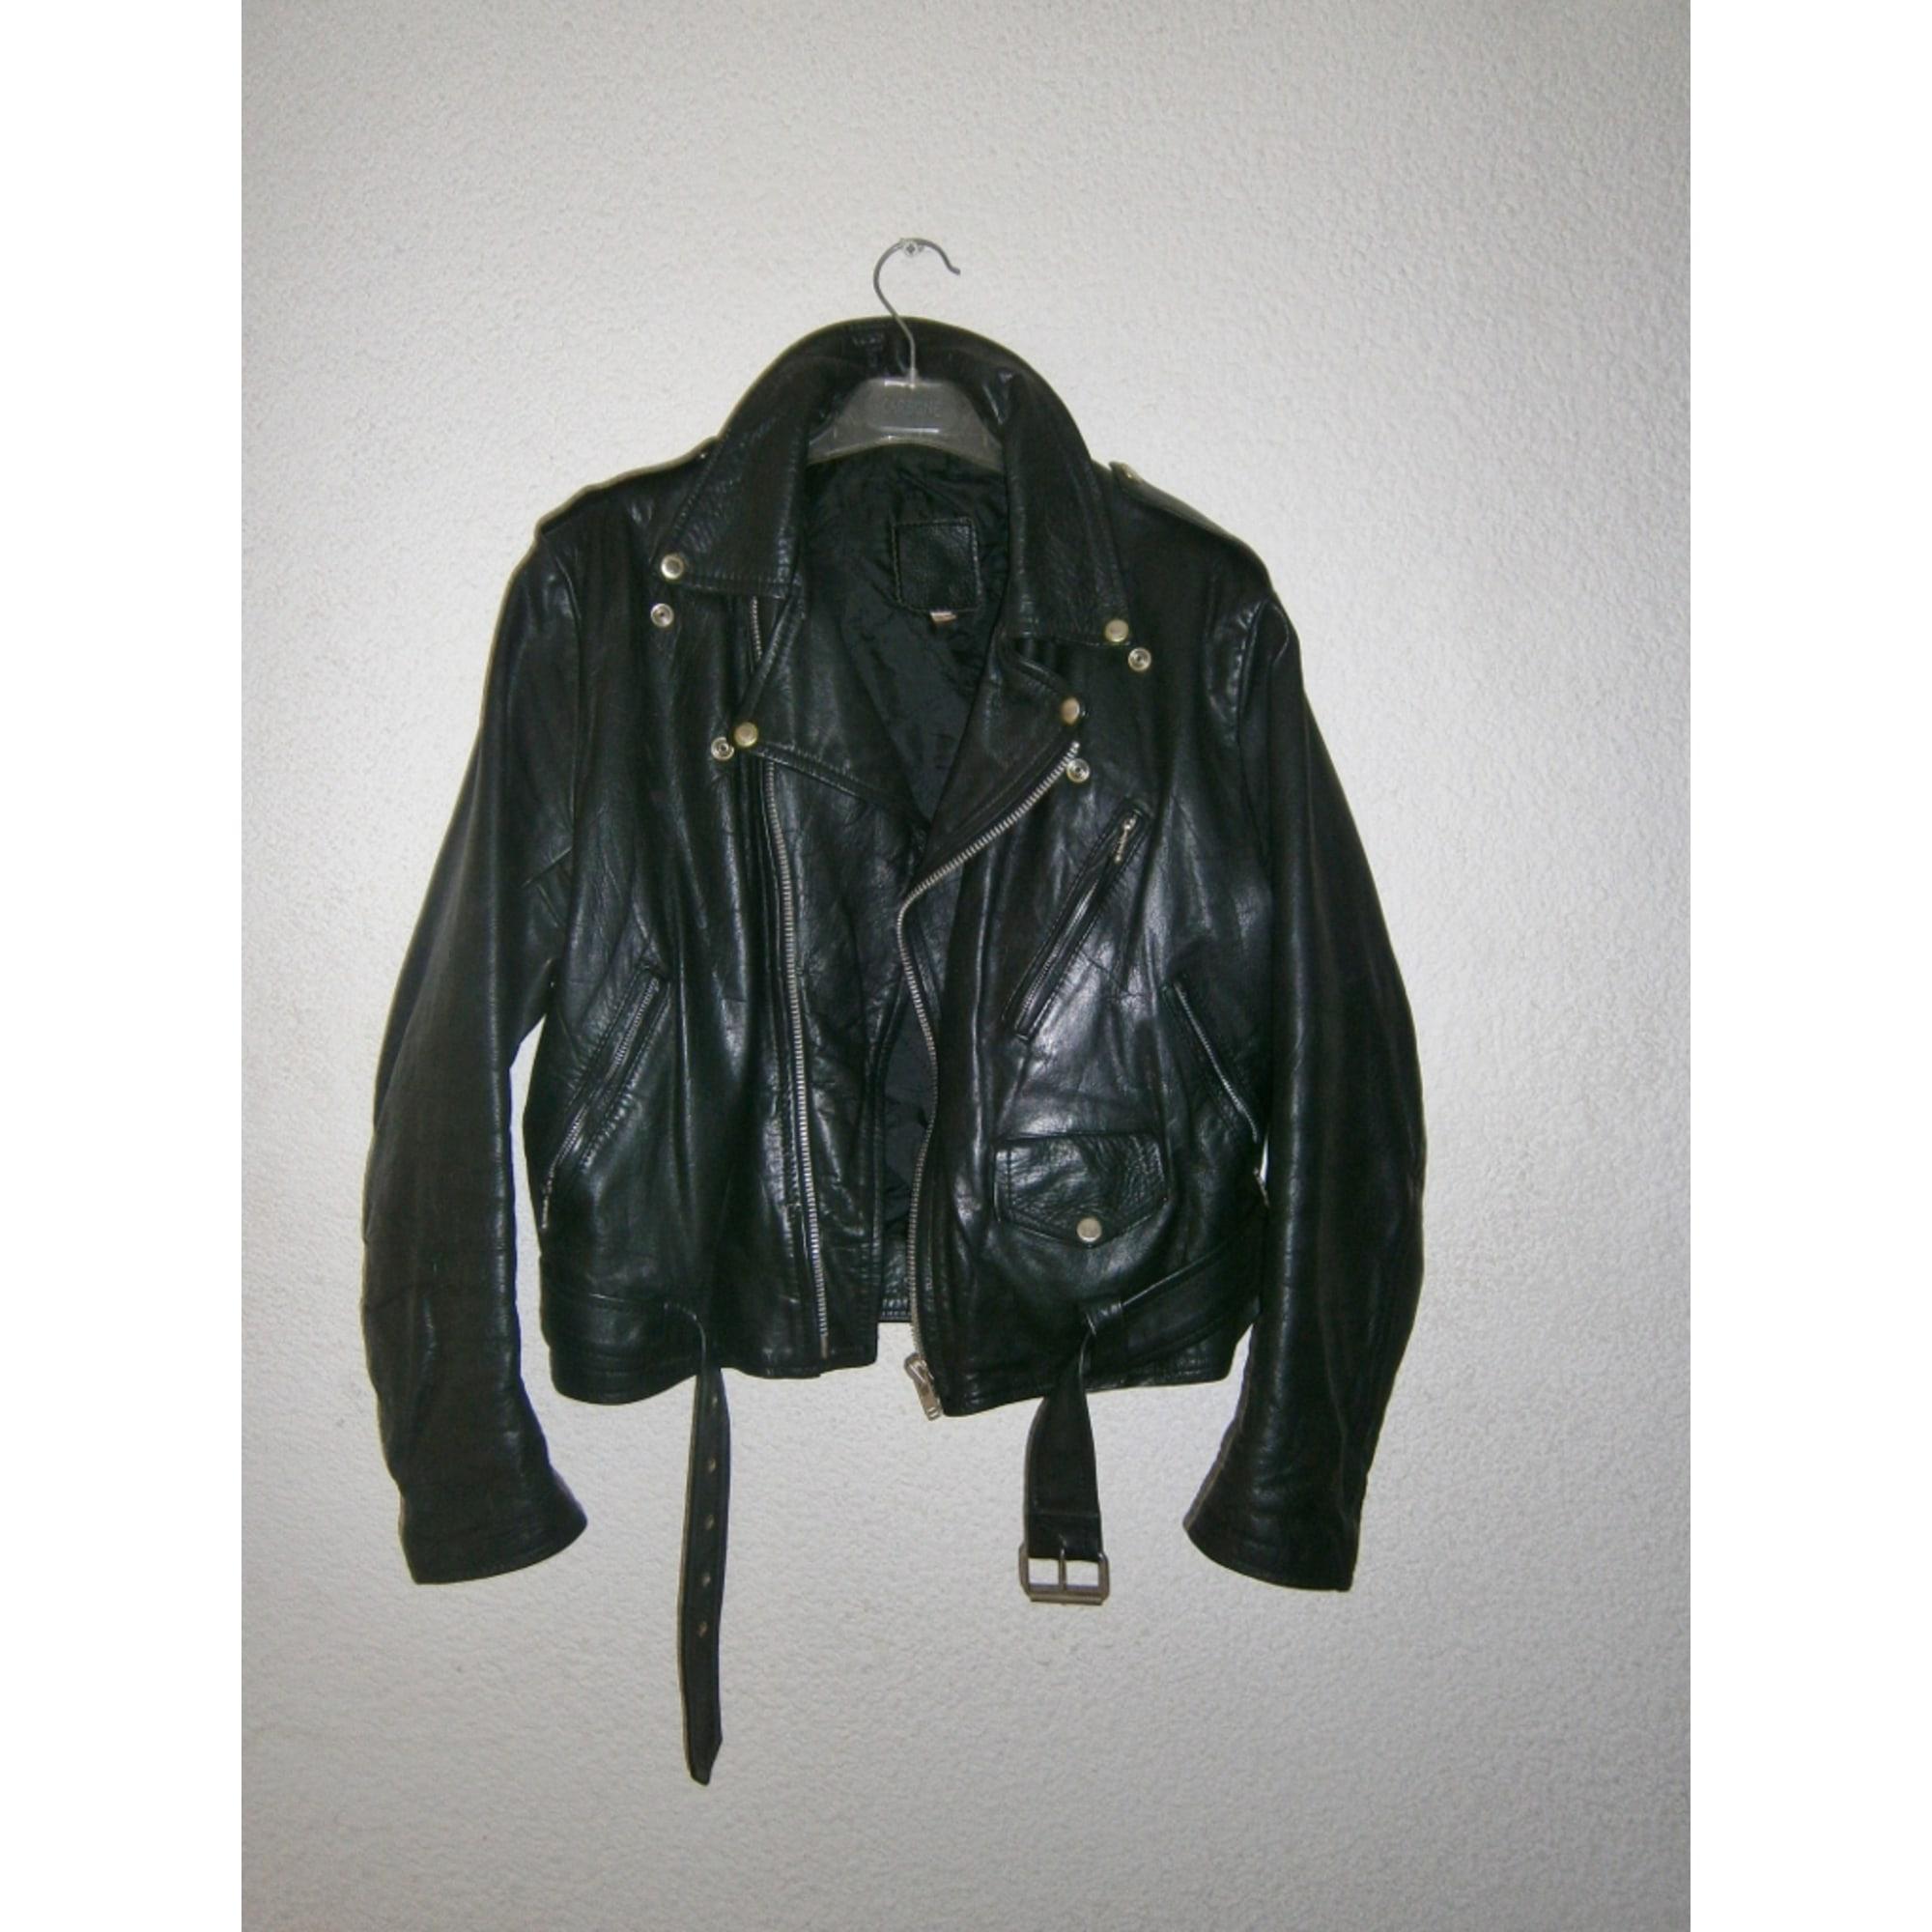 0278032c69dc2 Blouson en cuir REAL LEATHER 38 (M, T2) noir vendu par Krystie - 1253150